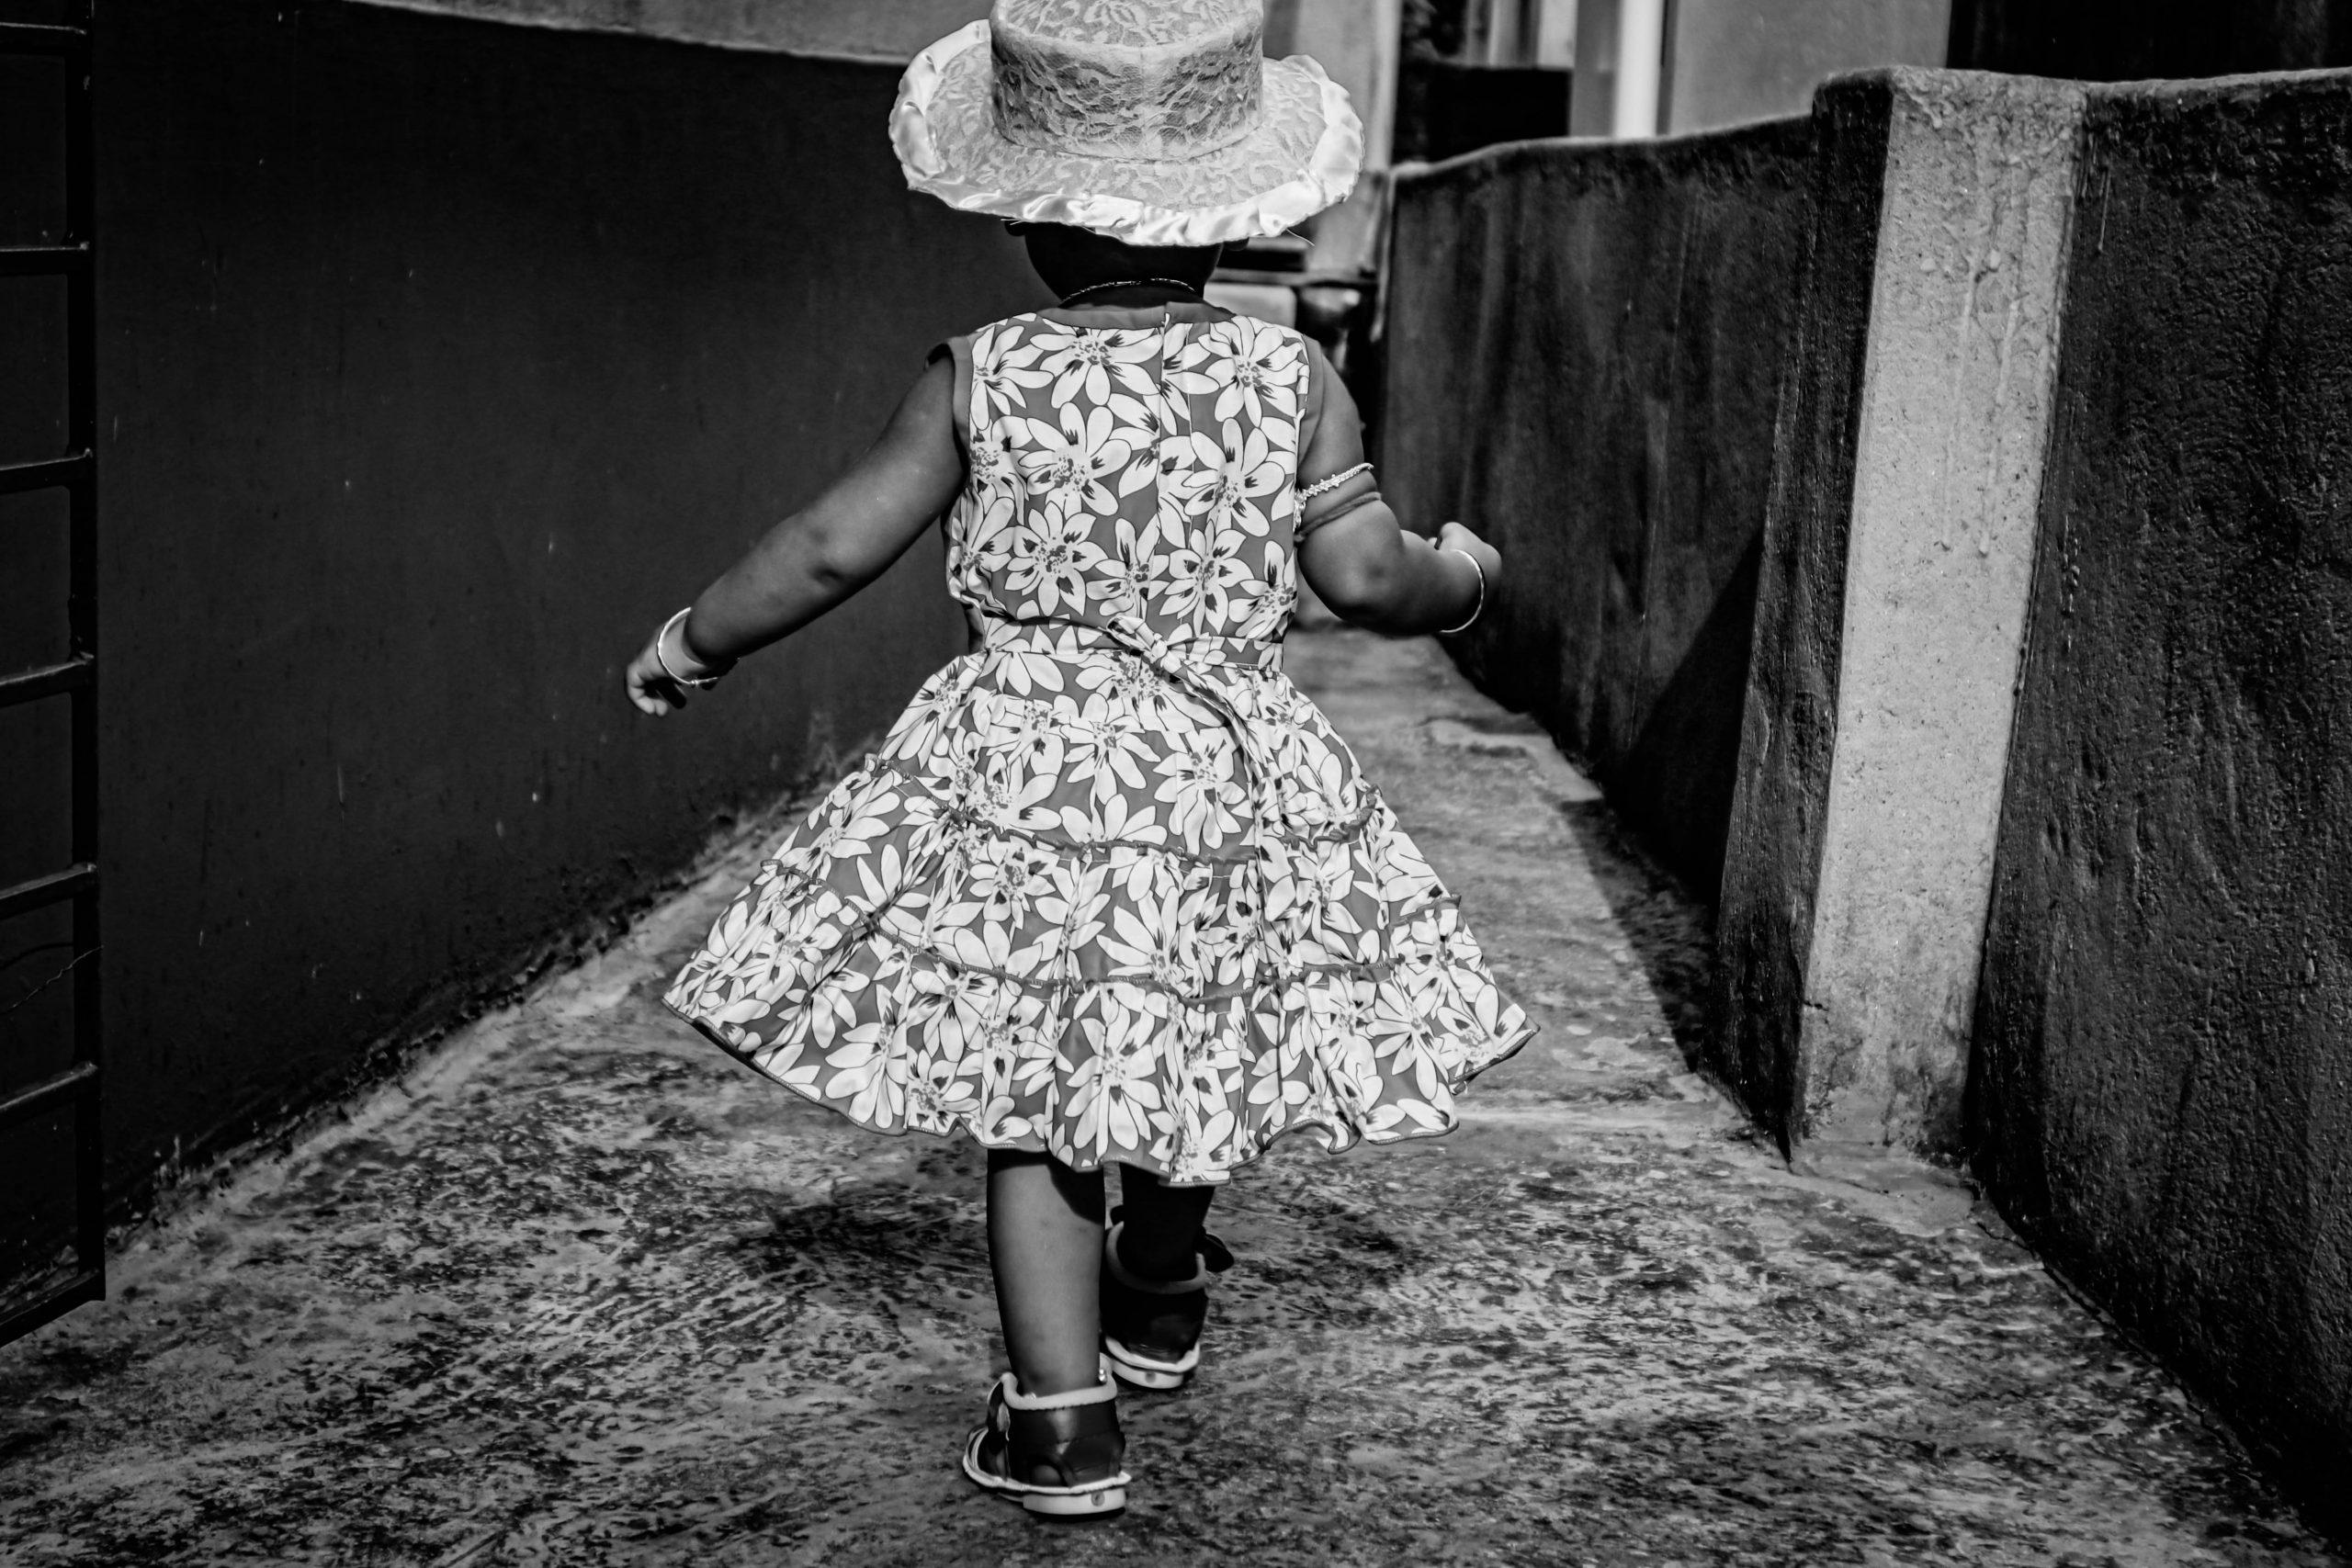 A baby girl walking in a street